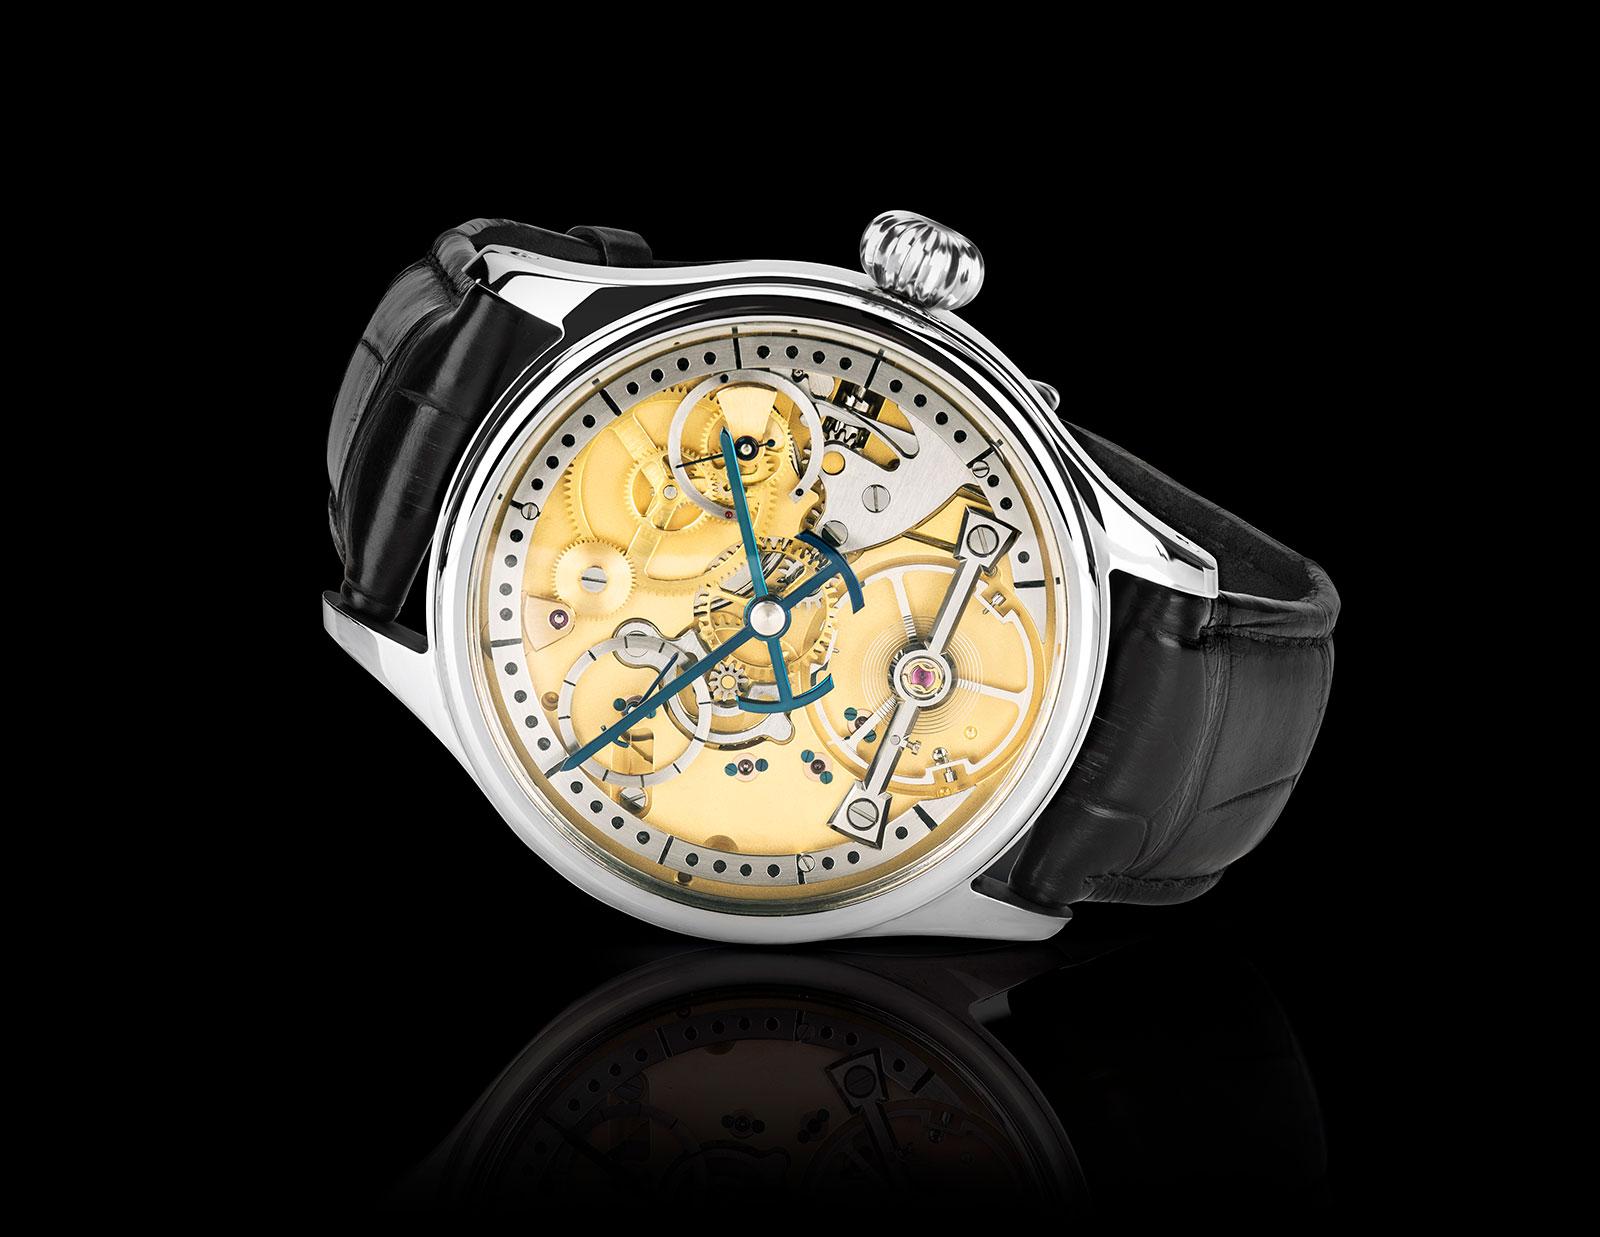 Garrick S1 watch 4